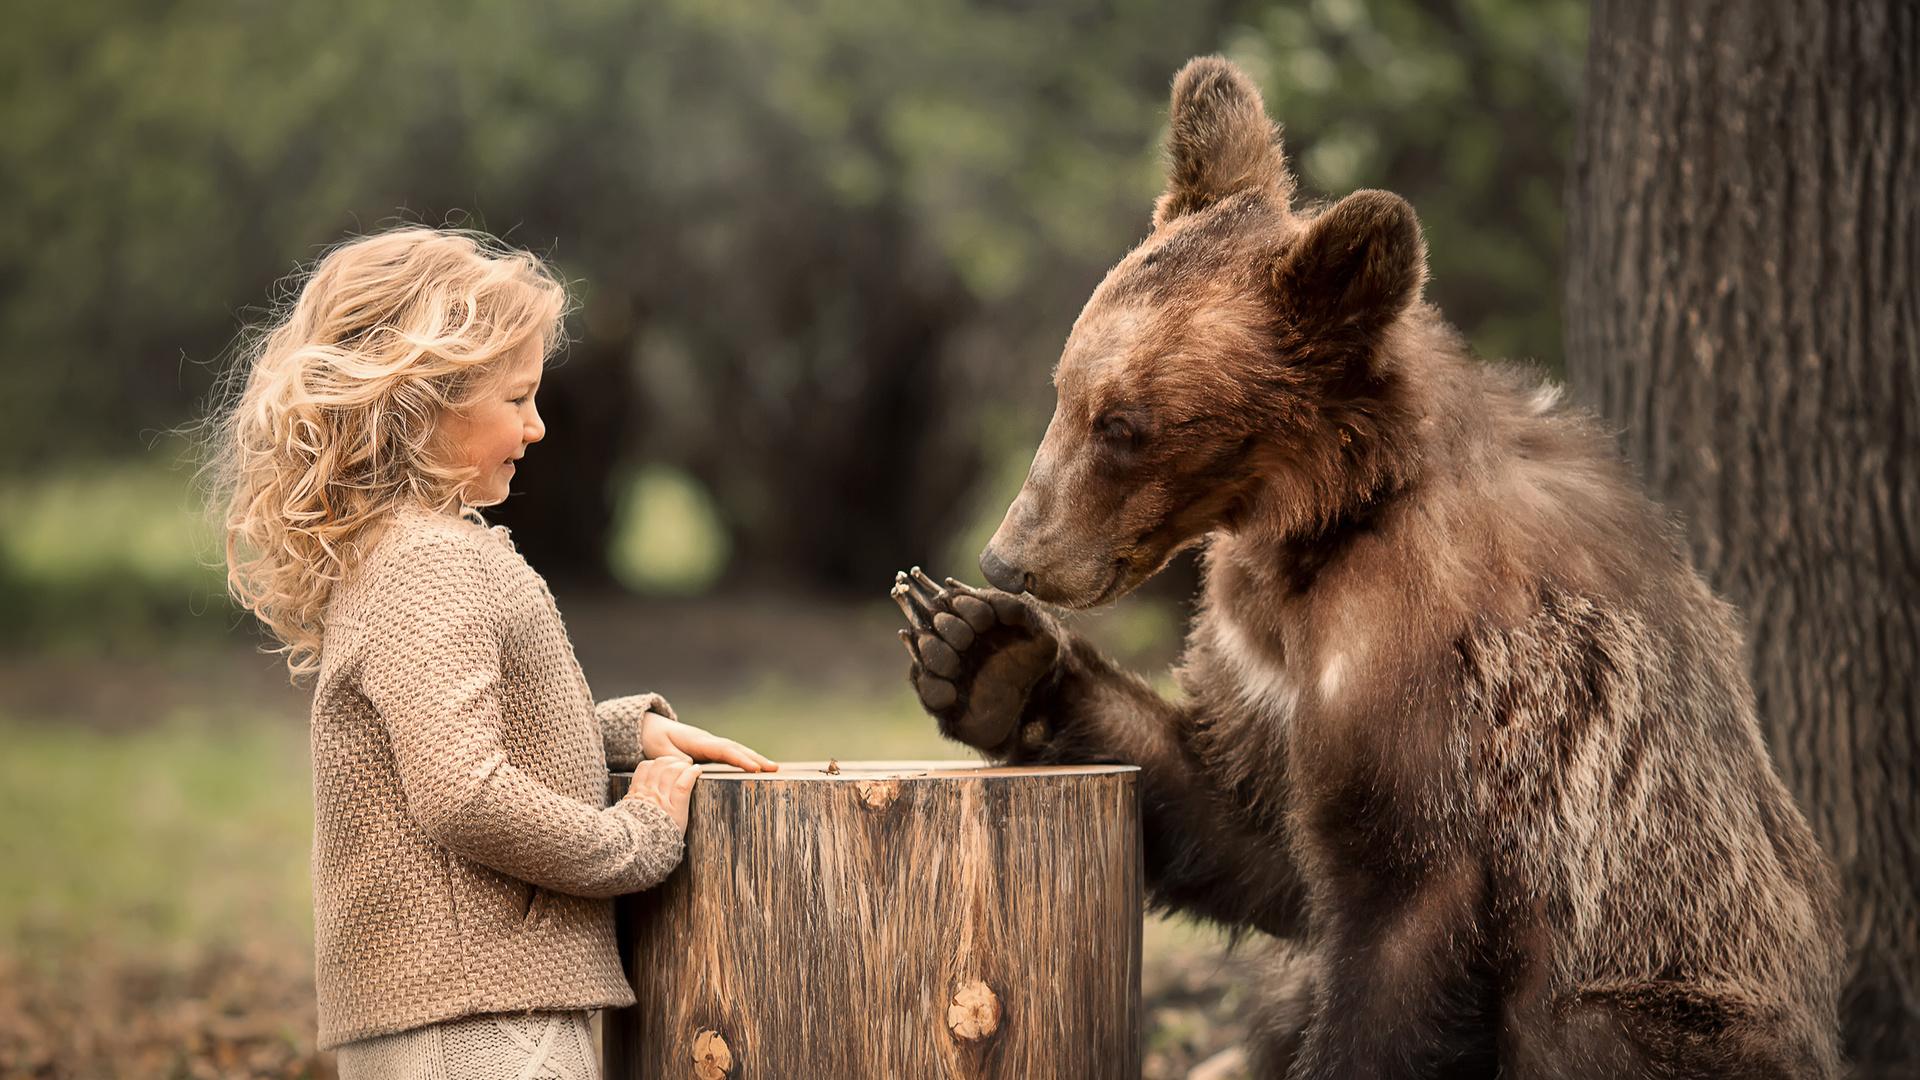 природа, животное, пень, хищник, медведь, девочка, кудри, ребёнок, локоны, марианна смолина